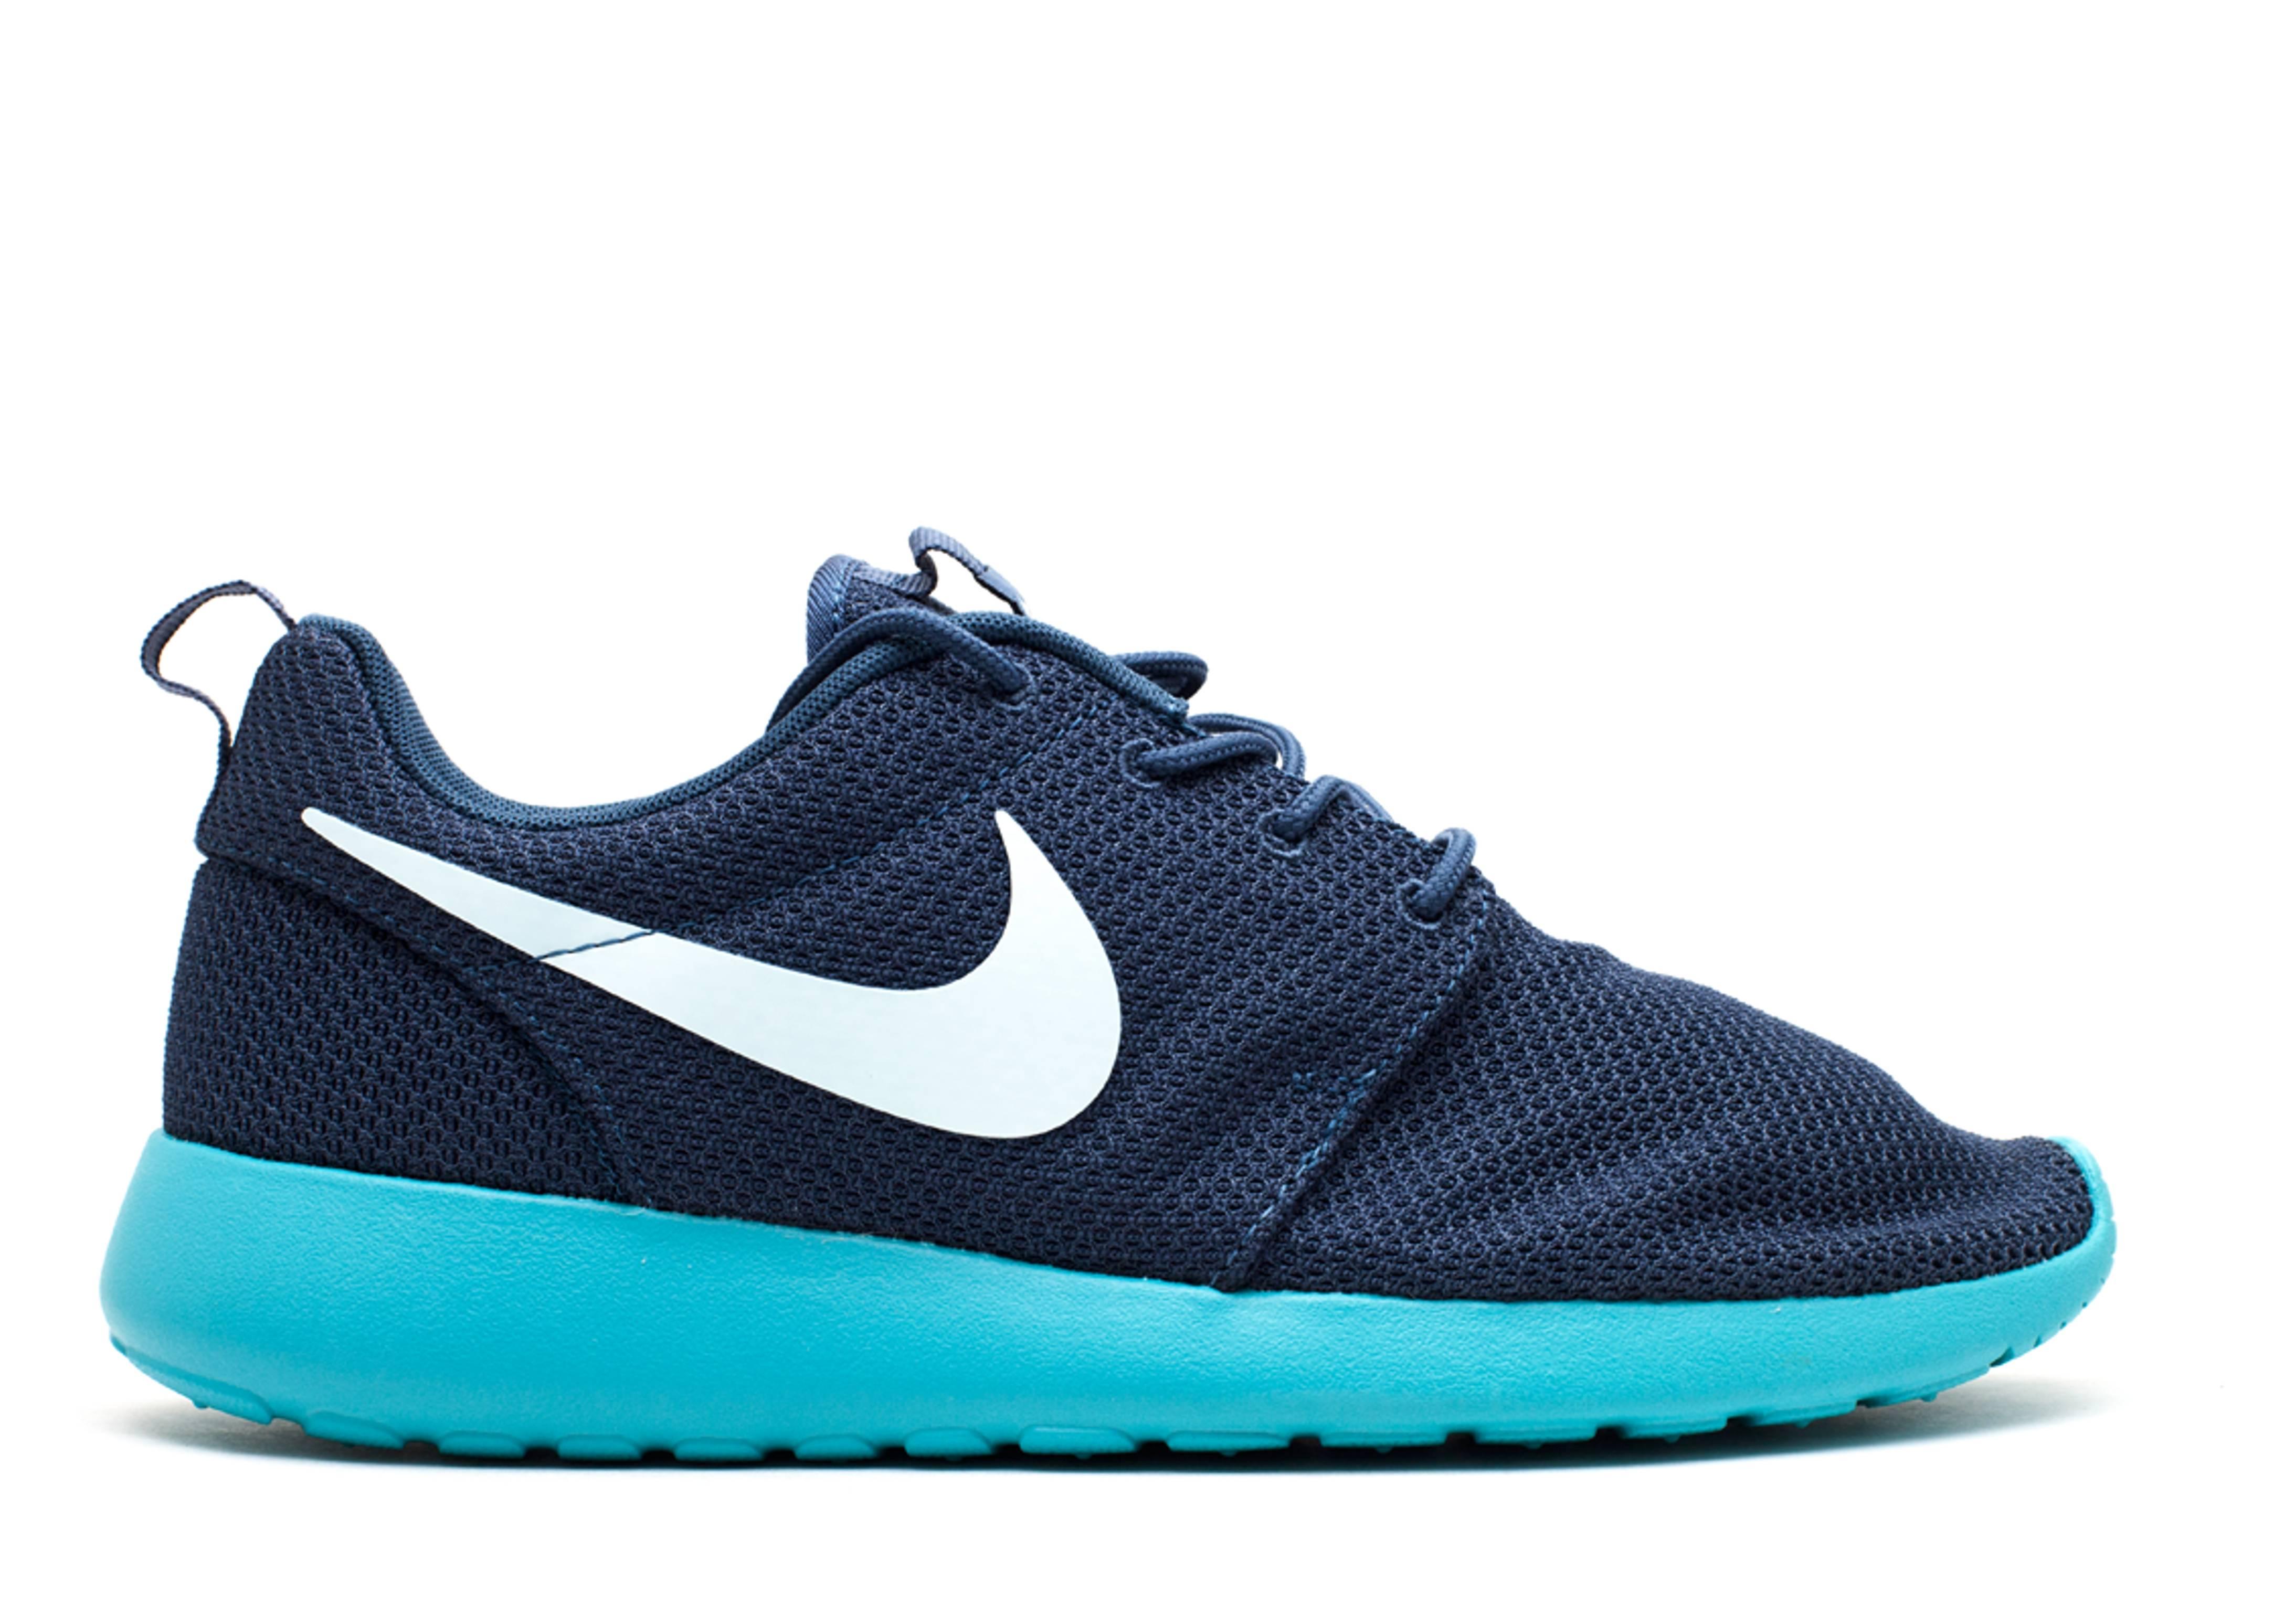 Rosherun - Nike - 511881 443 - squadron blue fbrglss-sprt trq ... 09197aae2f